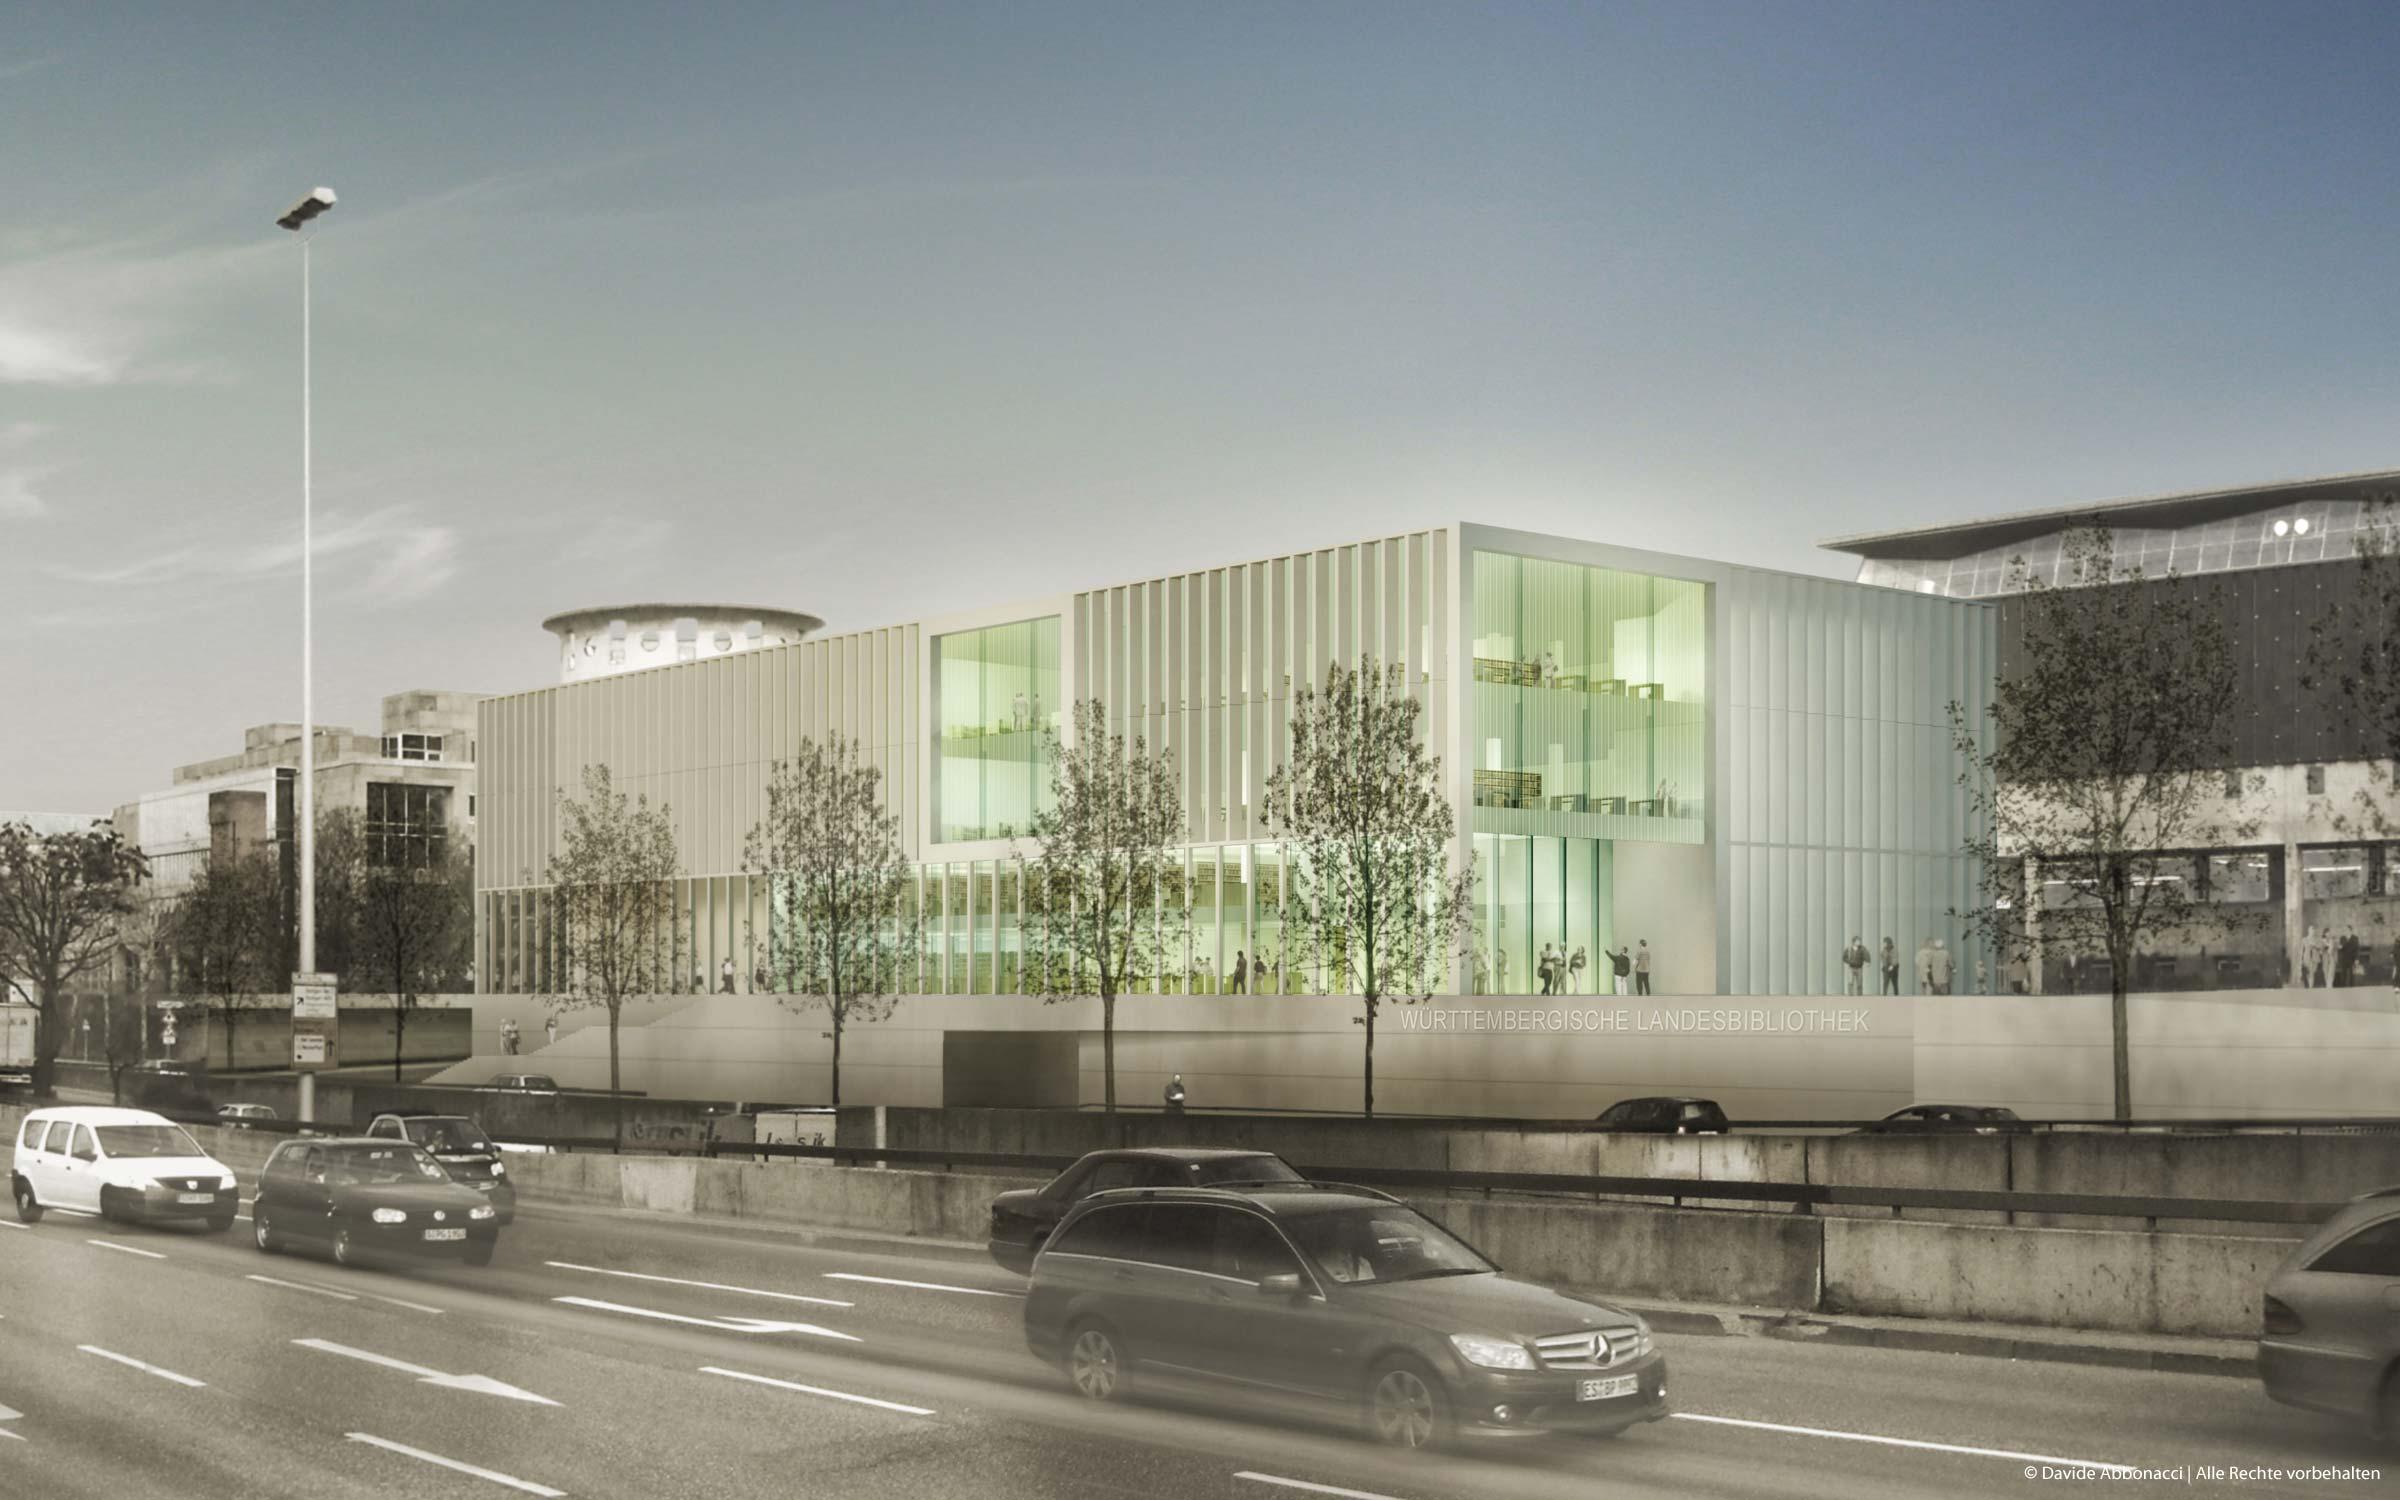 Württembergische Landesbibliothek Stuttgart | gmp Architekten von Gerkan, Marg und Partner | 2010 Wettbewerbsvisualisierung